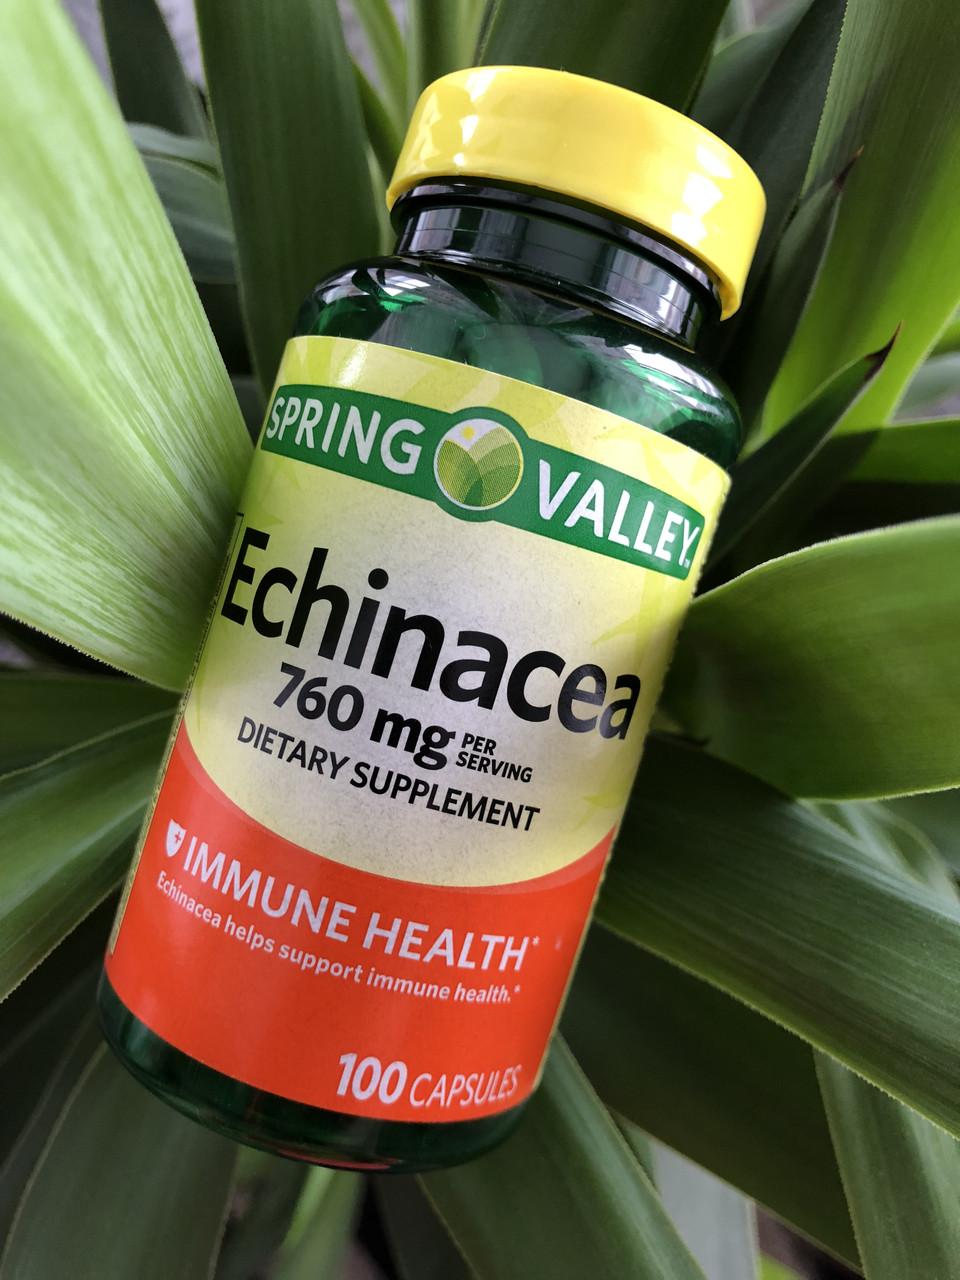 Эхинацея в таблетках для имунной системы Spring Valley Echinacea, 100шт